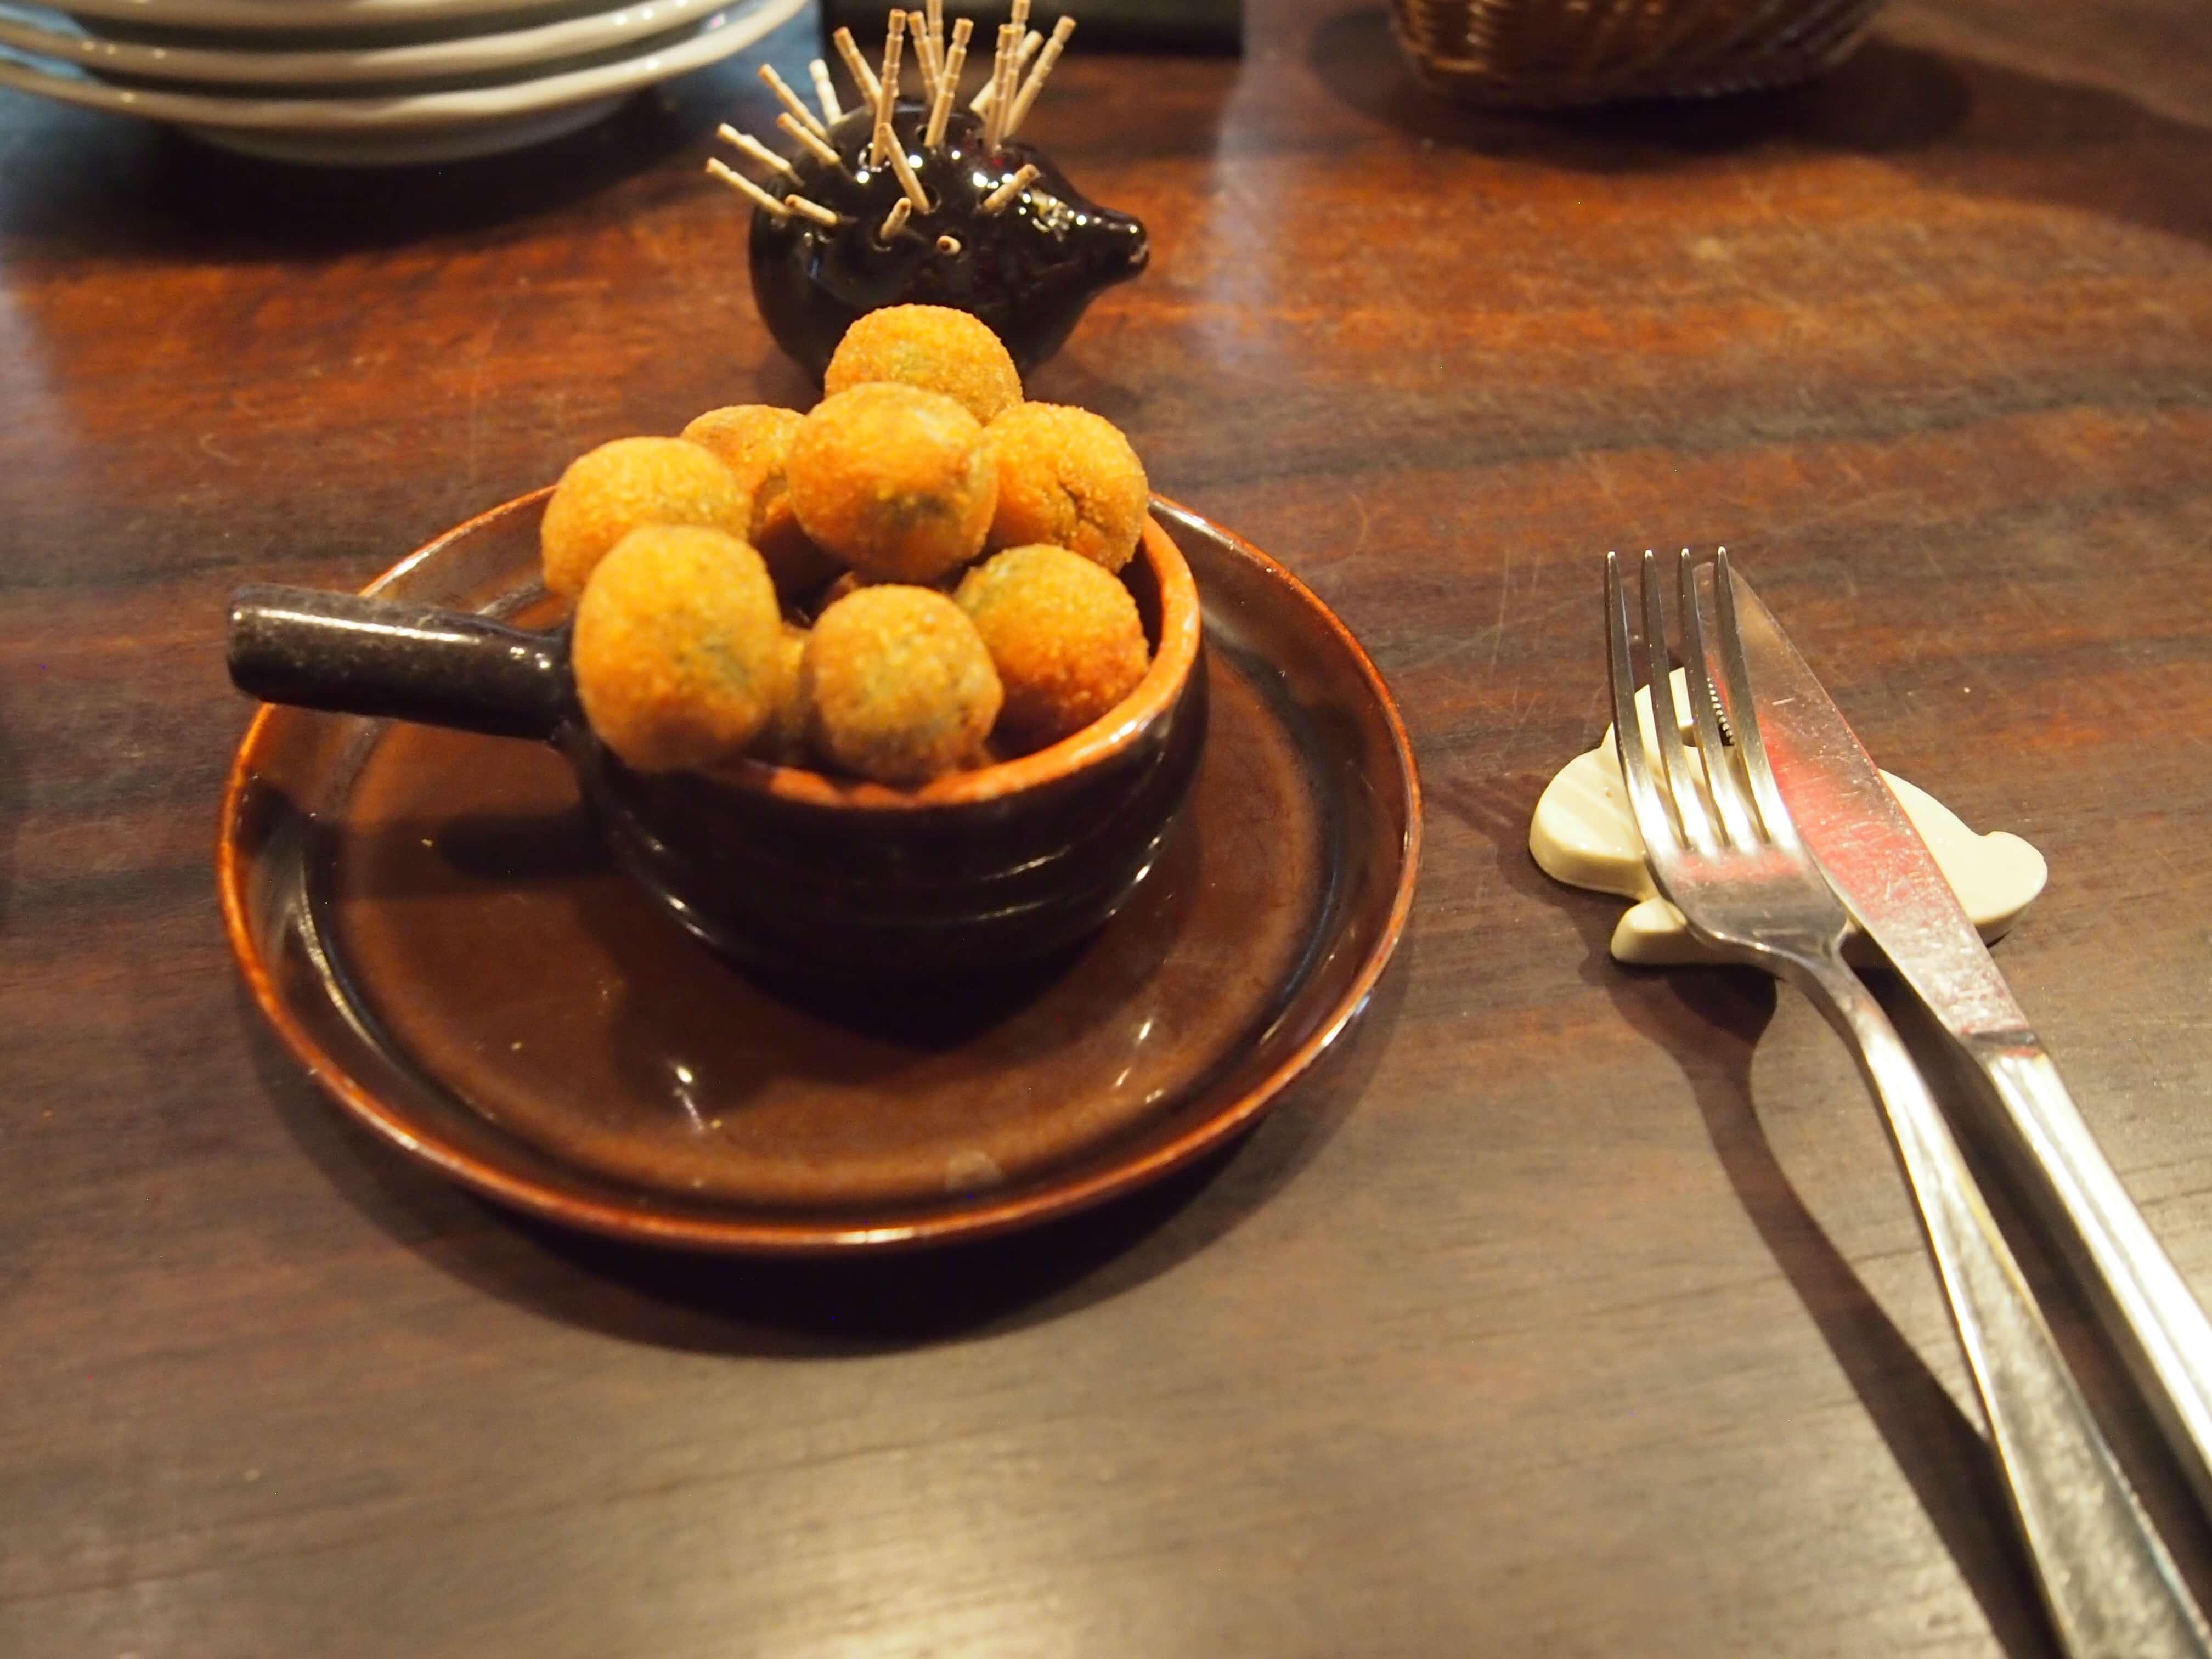 オリーブの肉詰めフリット 自家製の塩漬けオリーブのタネを取った部分に、牛・豚・鶏などのひき肉を詰めて揚げたもの。ワインのお供に最適です!